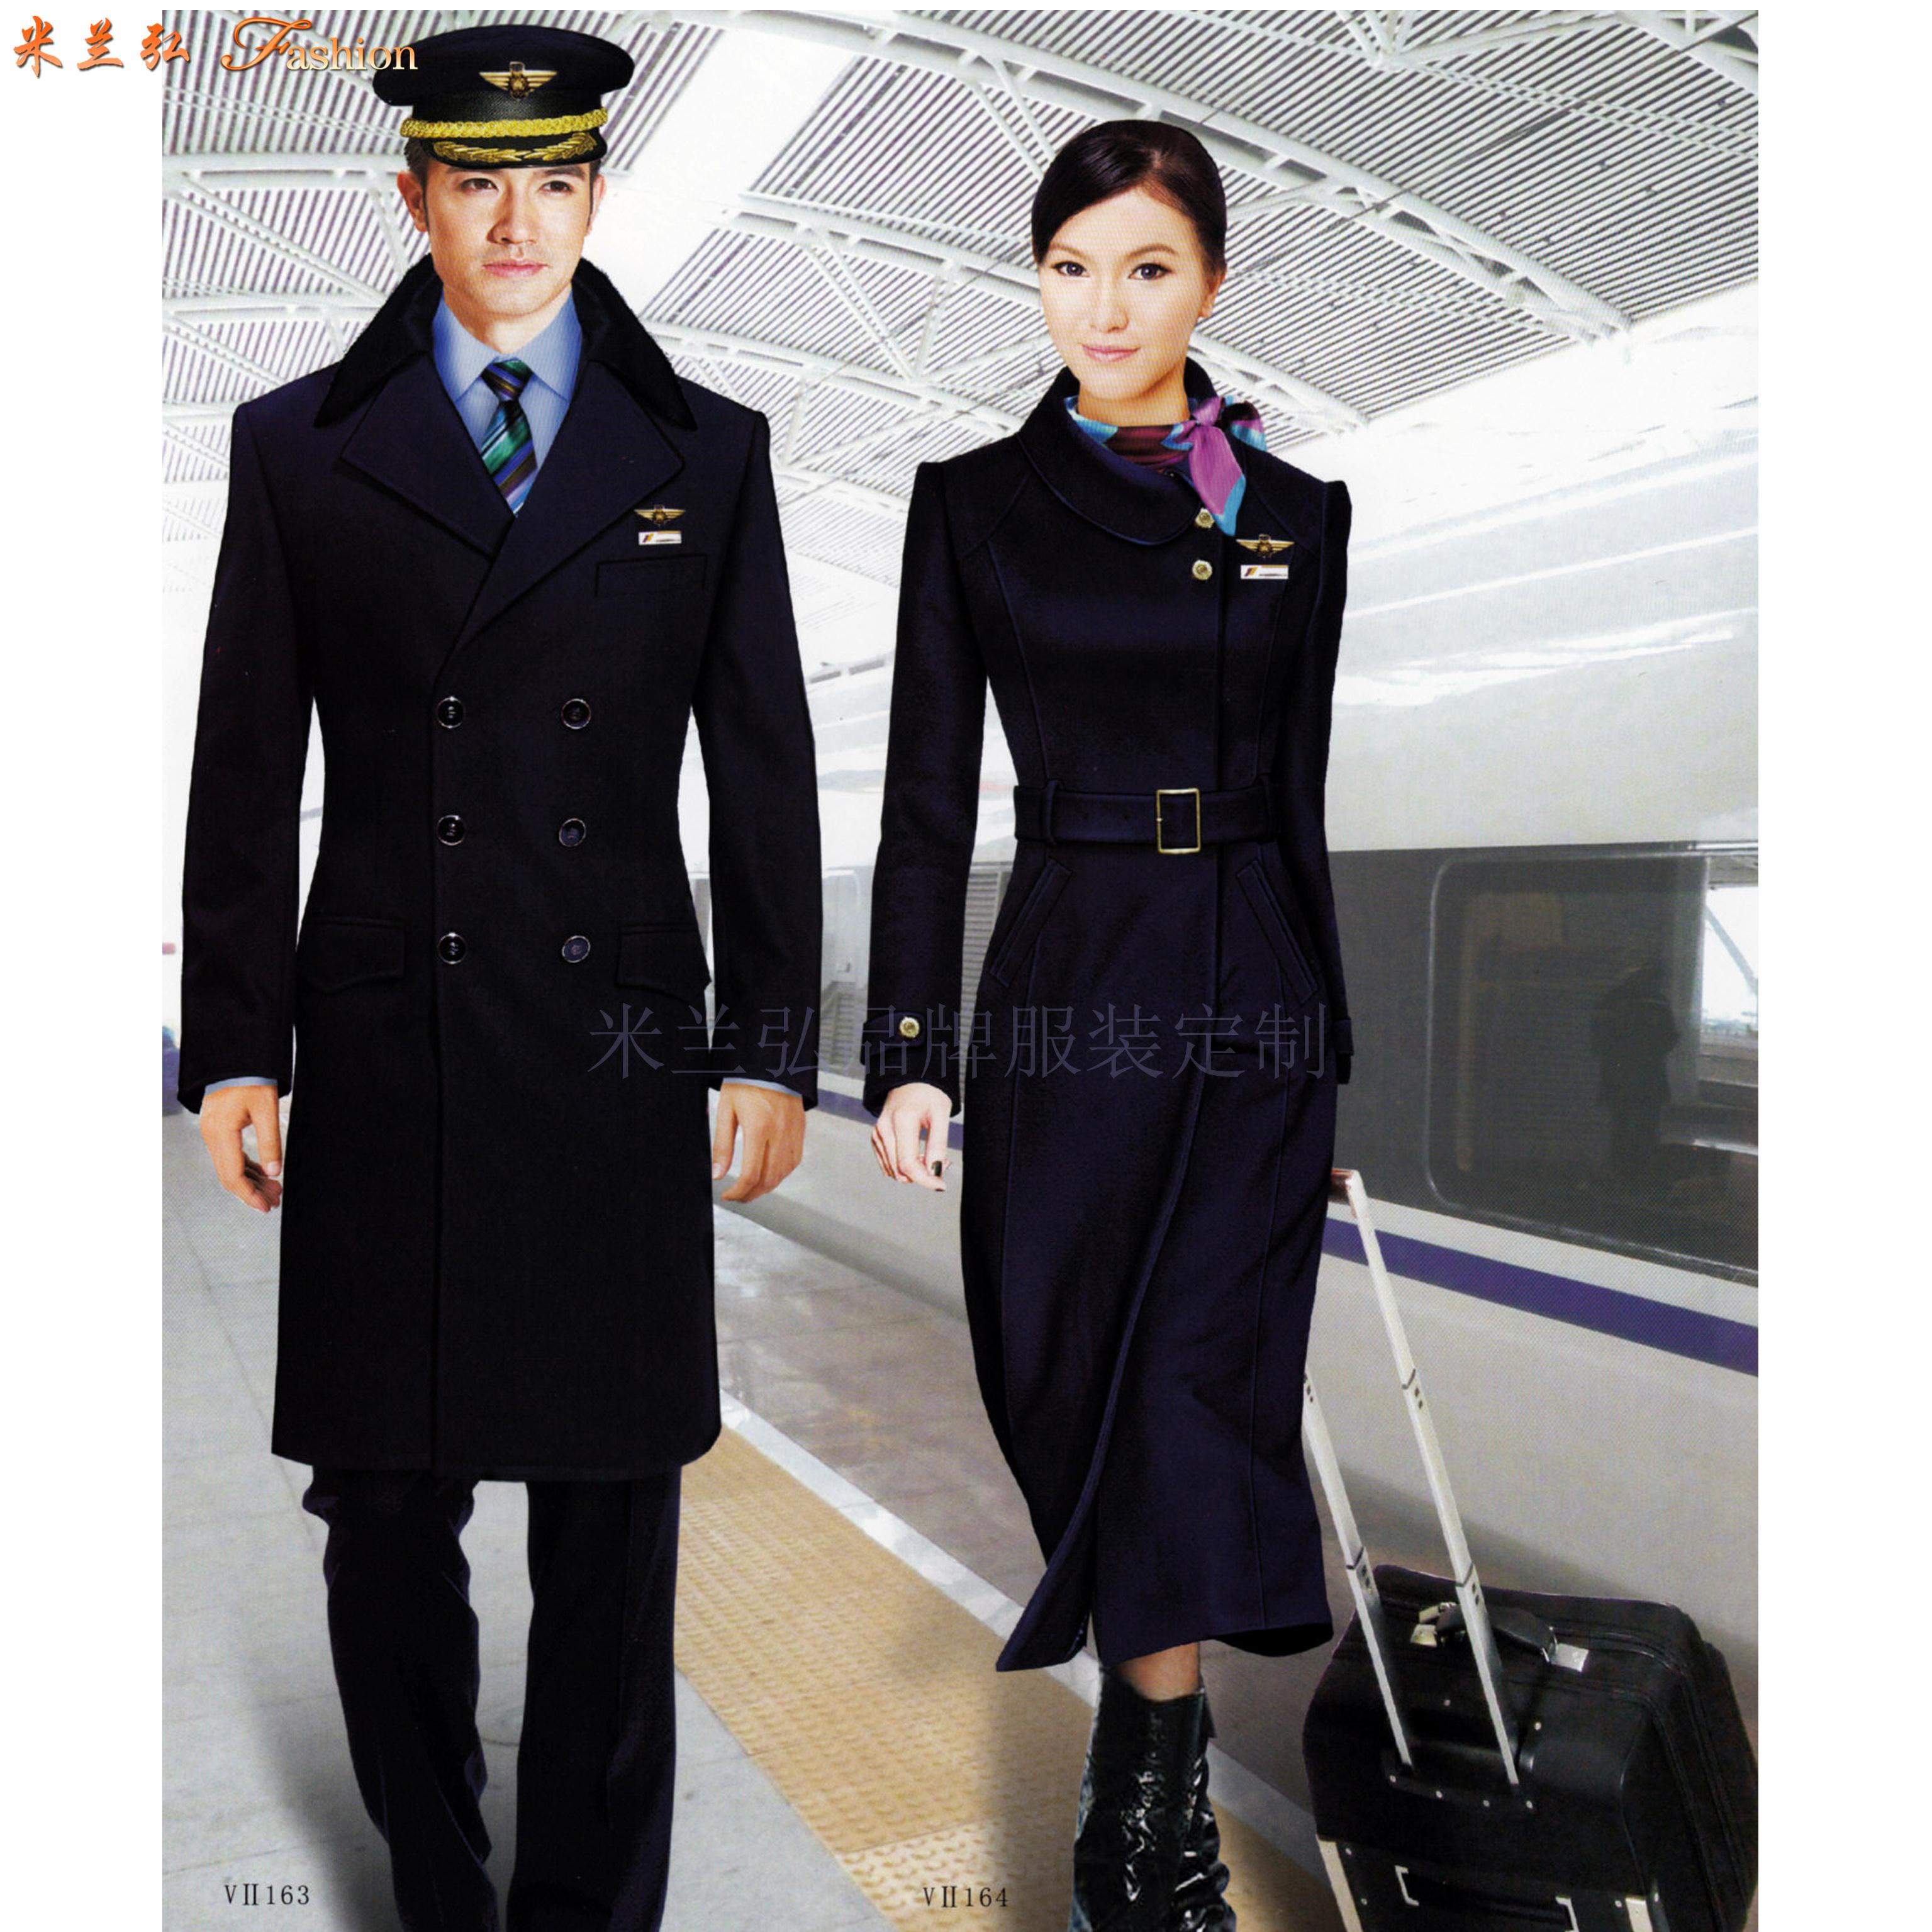 「航空高鐵大衣」采購批發市場優質高鐵大衣價格品牌廠商_米蘭弘-3